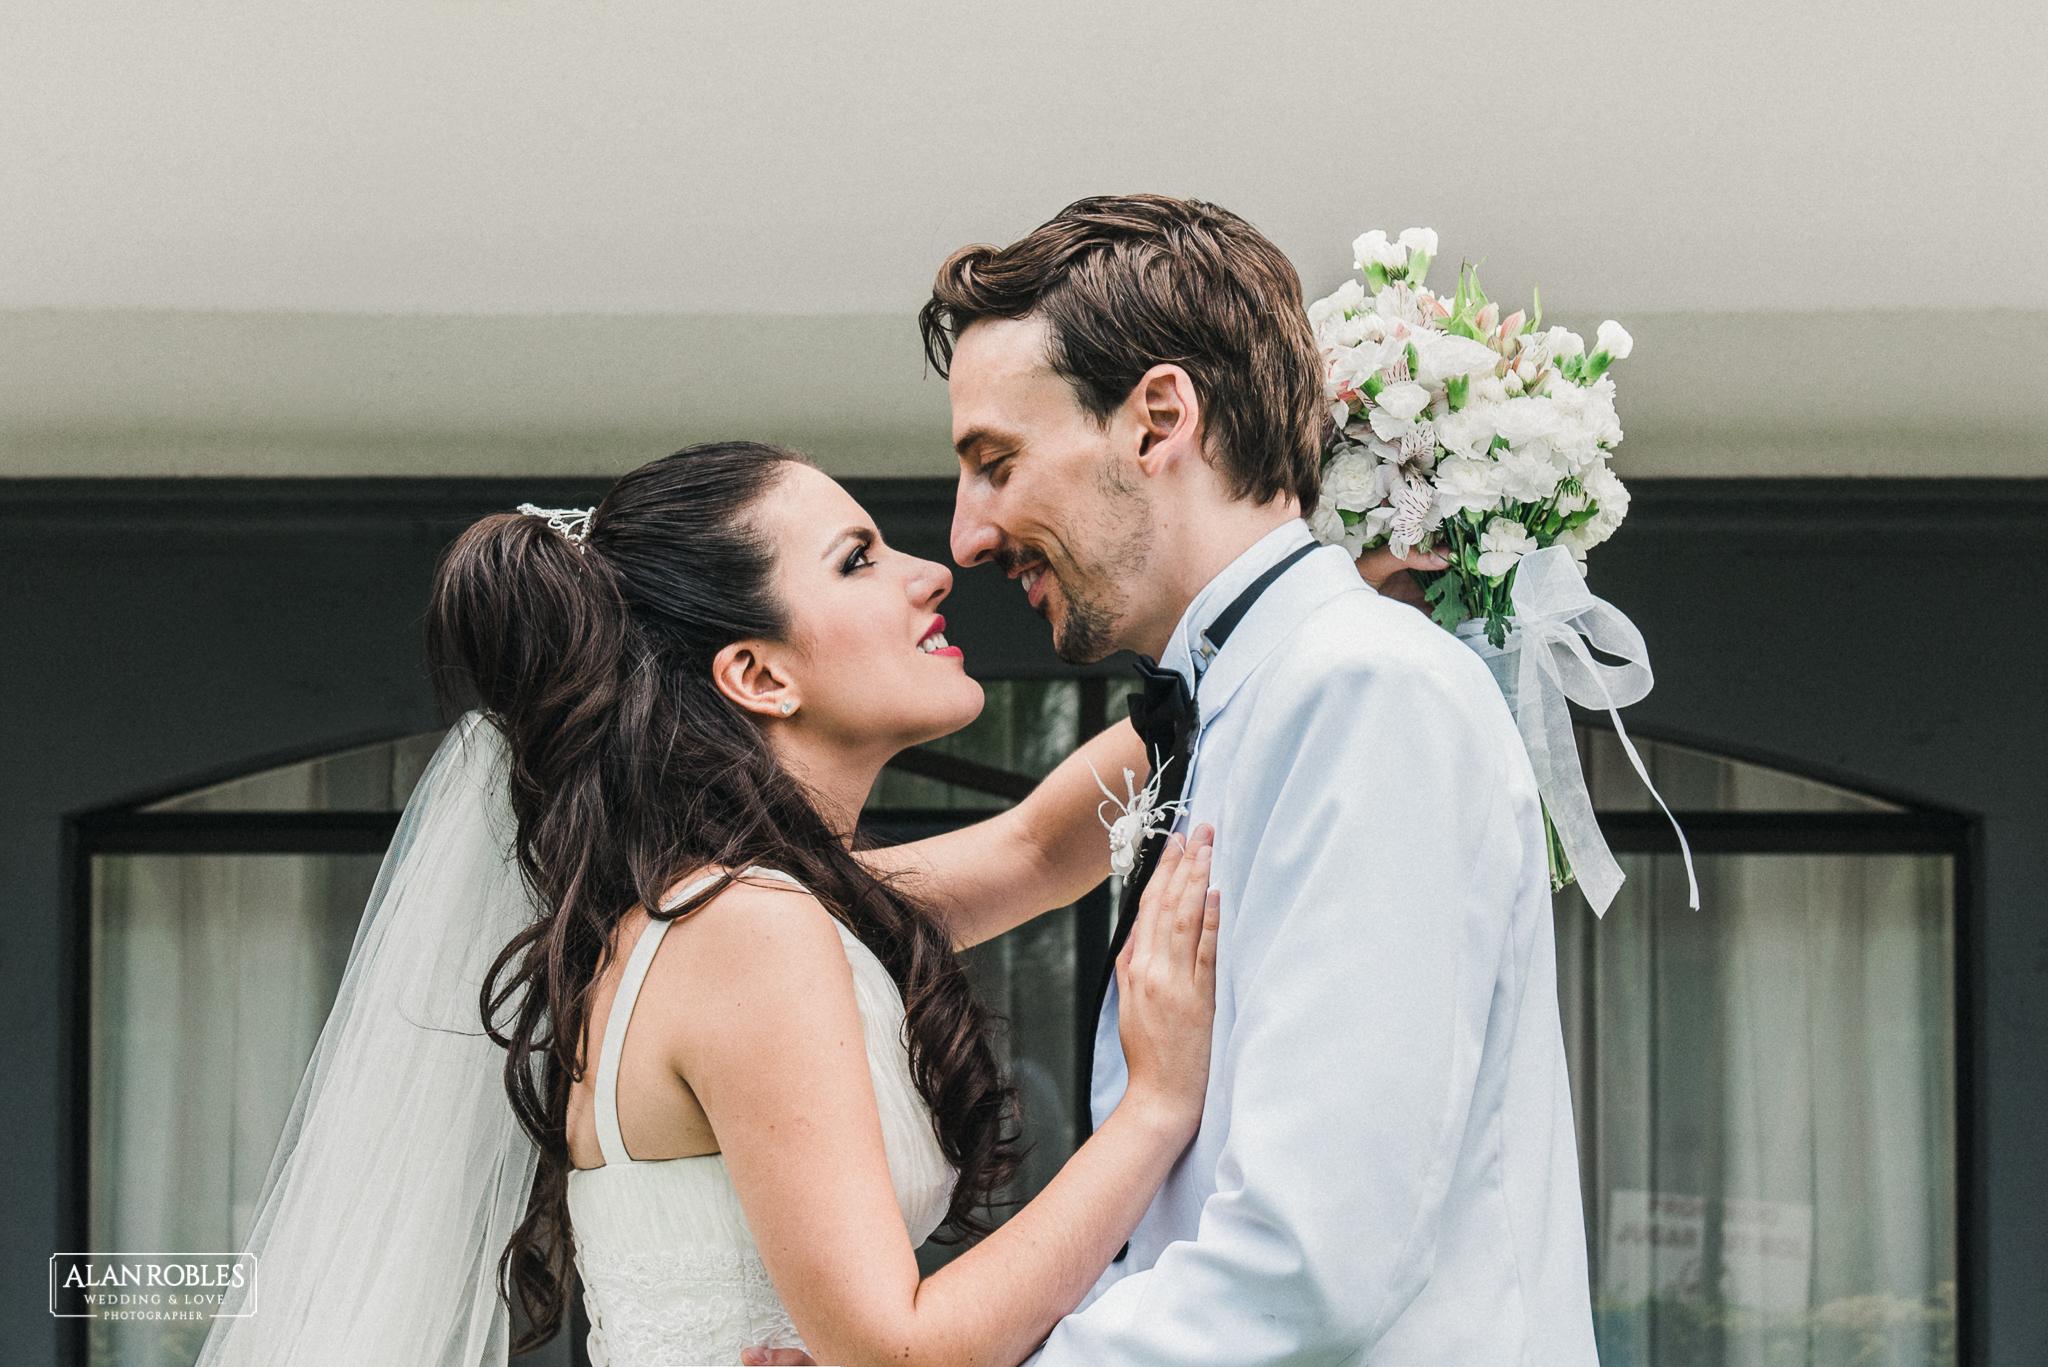 Retrato de novios. Fotografia de bodas. Alan Robles Fotografo de Bodas. Wedding session.